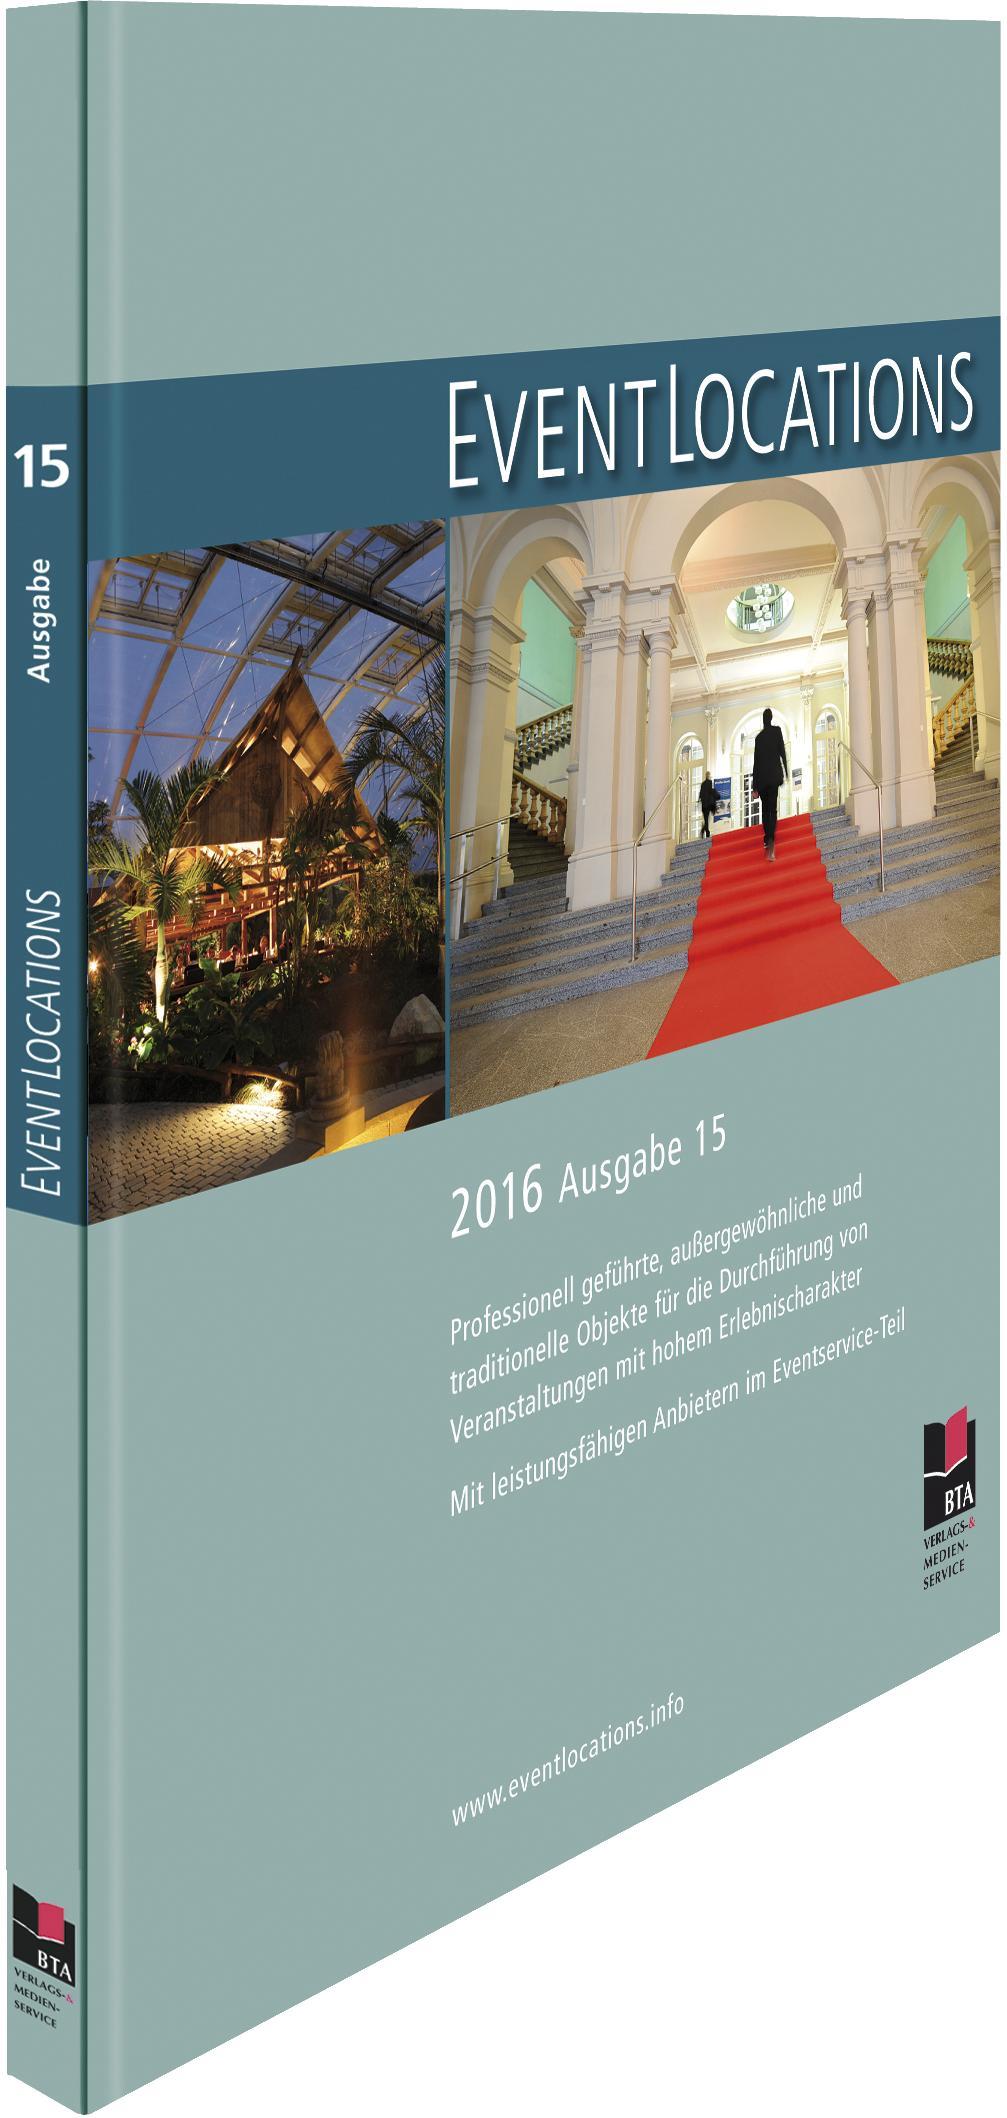 Druckfrisch erschienen: Handbuch Eventlocations 2016 – der Location-Guide mit Mehrwert